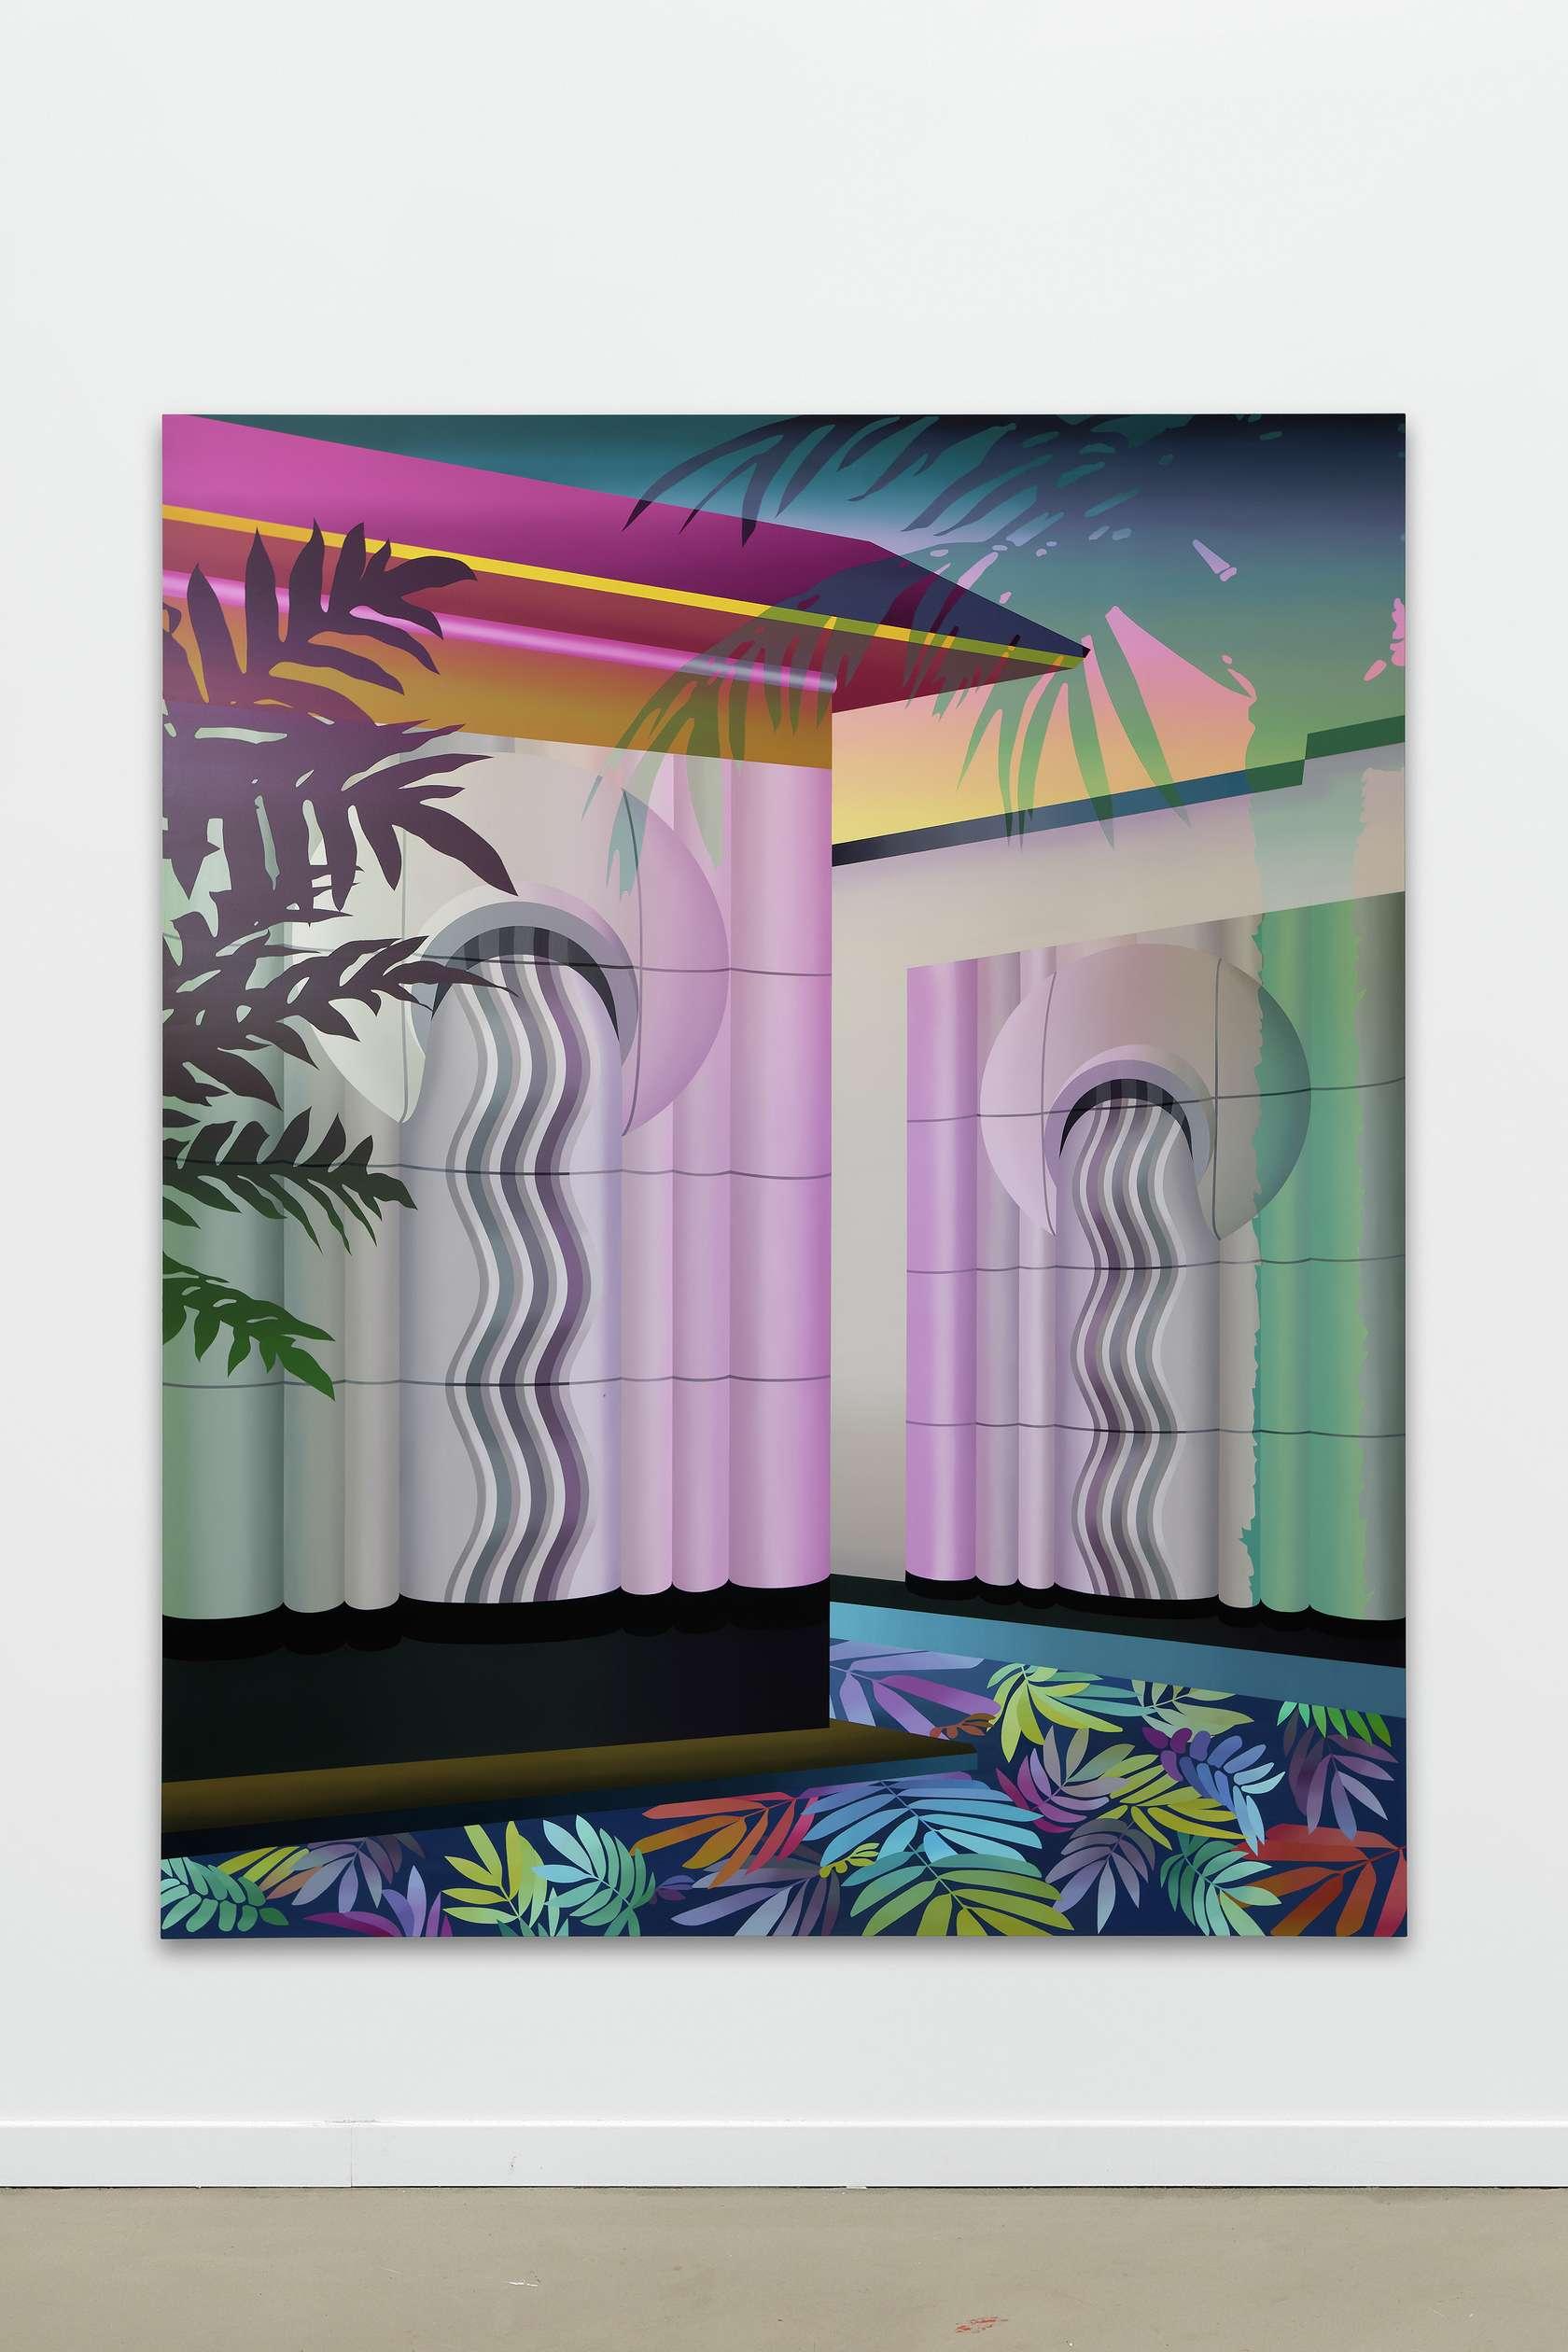 Amélie Bertrand, Daisy Temple, 2018 Huile sur toile220 × 180 cm / 86 5/8 × 70 7/8 in.